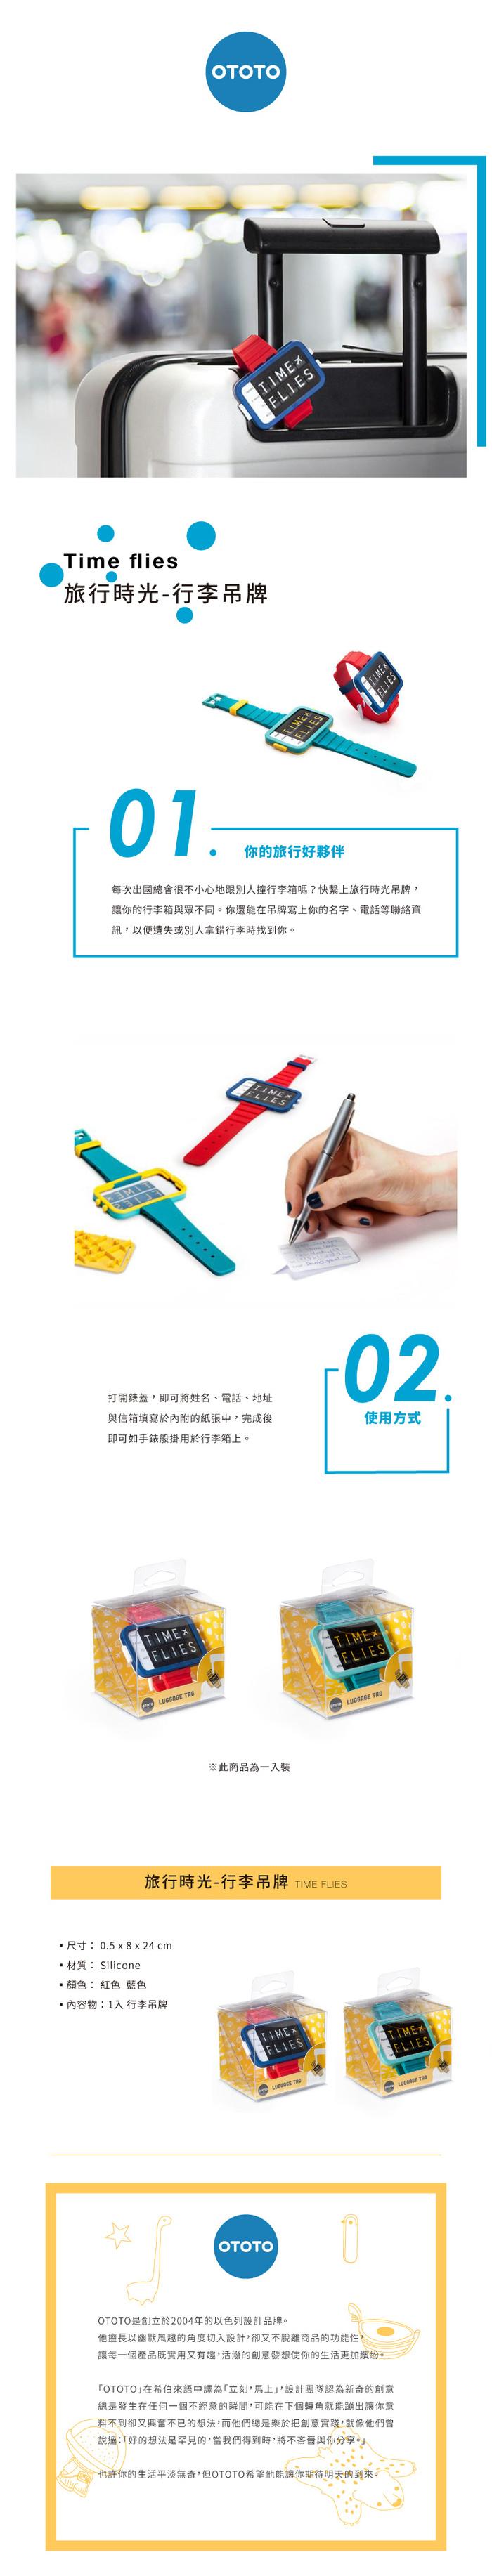 OTOTO 旅行時光-行李吊牌(藍色)